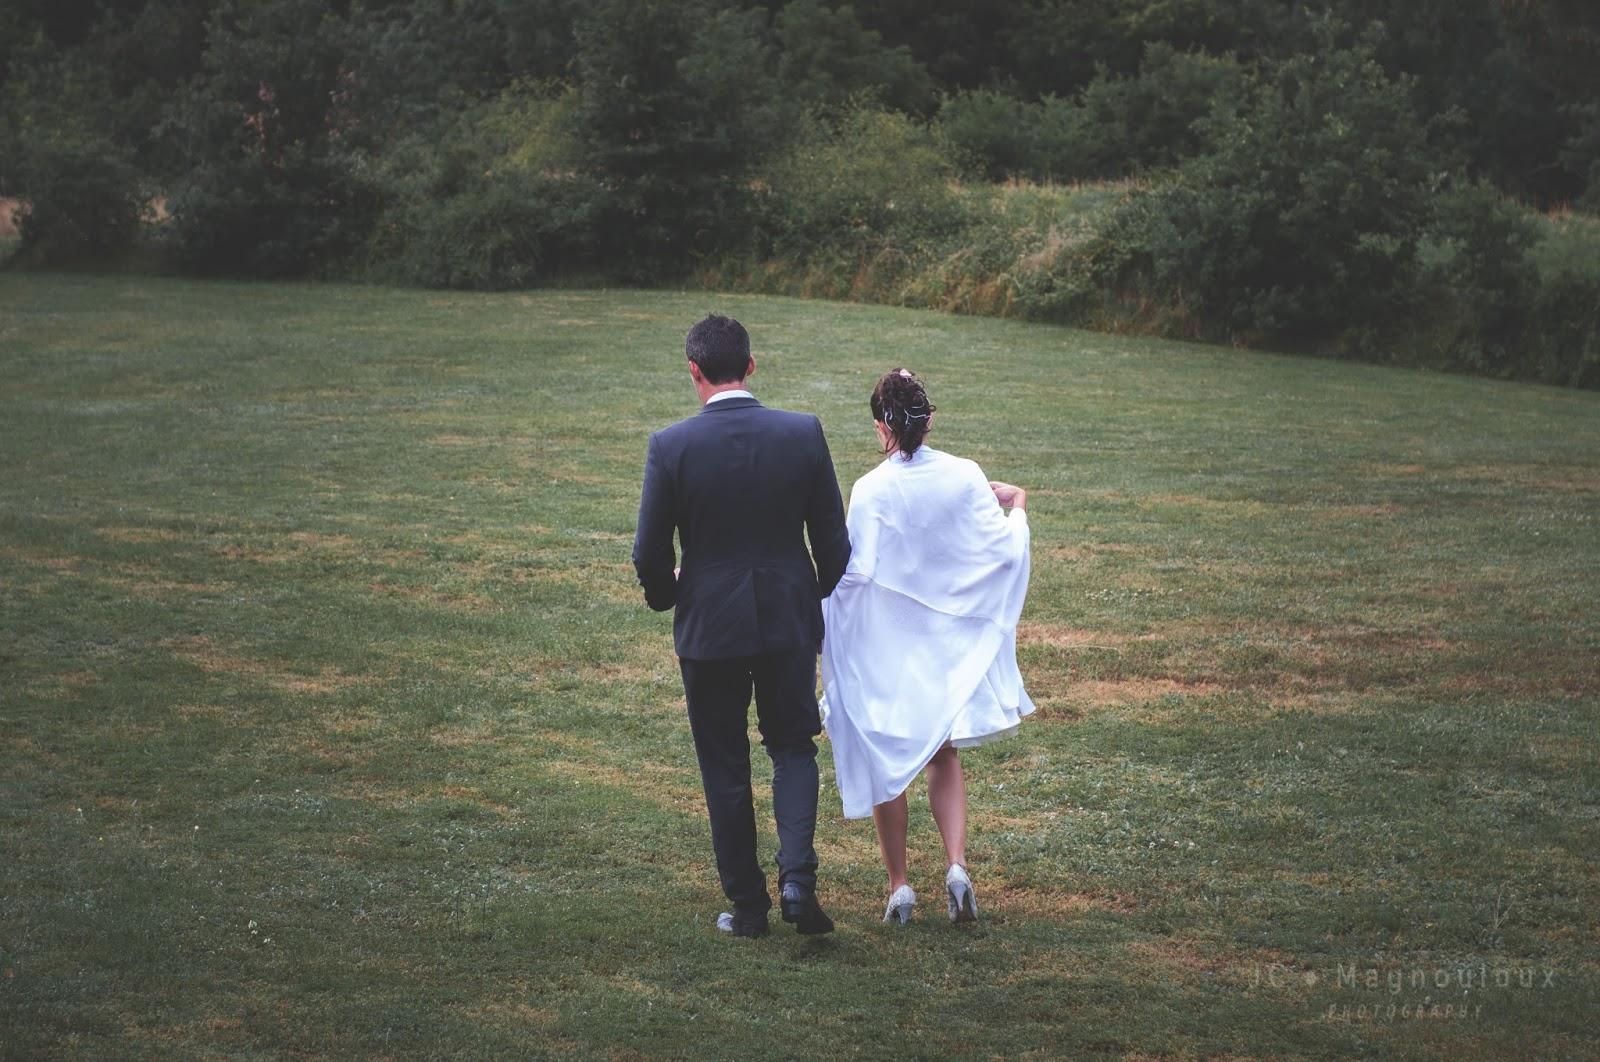 Photographe mariage Lyon Roanne domaine de la griottiere pelussin X-PRO2